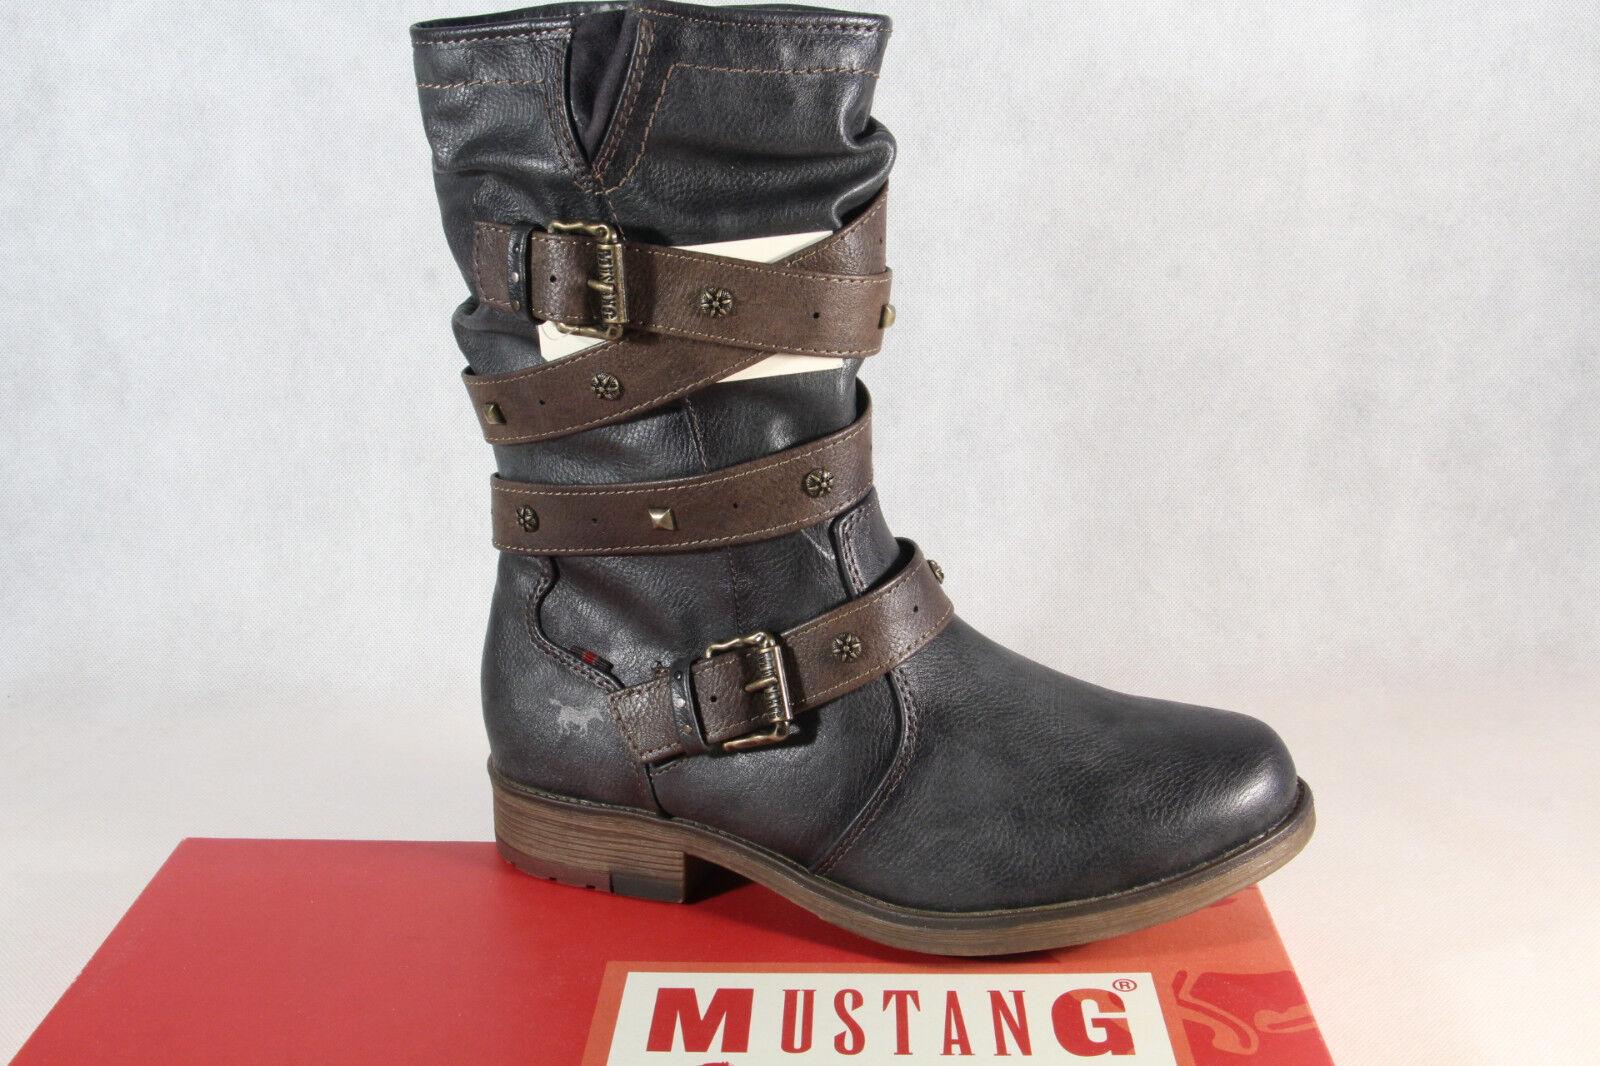 Mustang Botines Mujer botas de Invierno Invierno Invierno botas gris 1295-603-259 Nuevo  buen precio